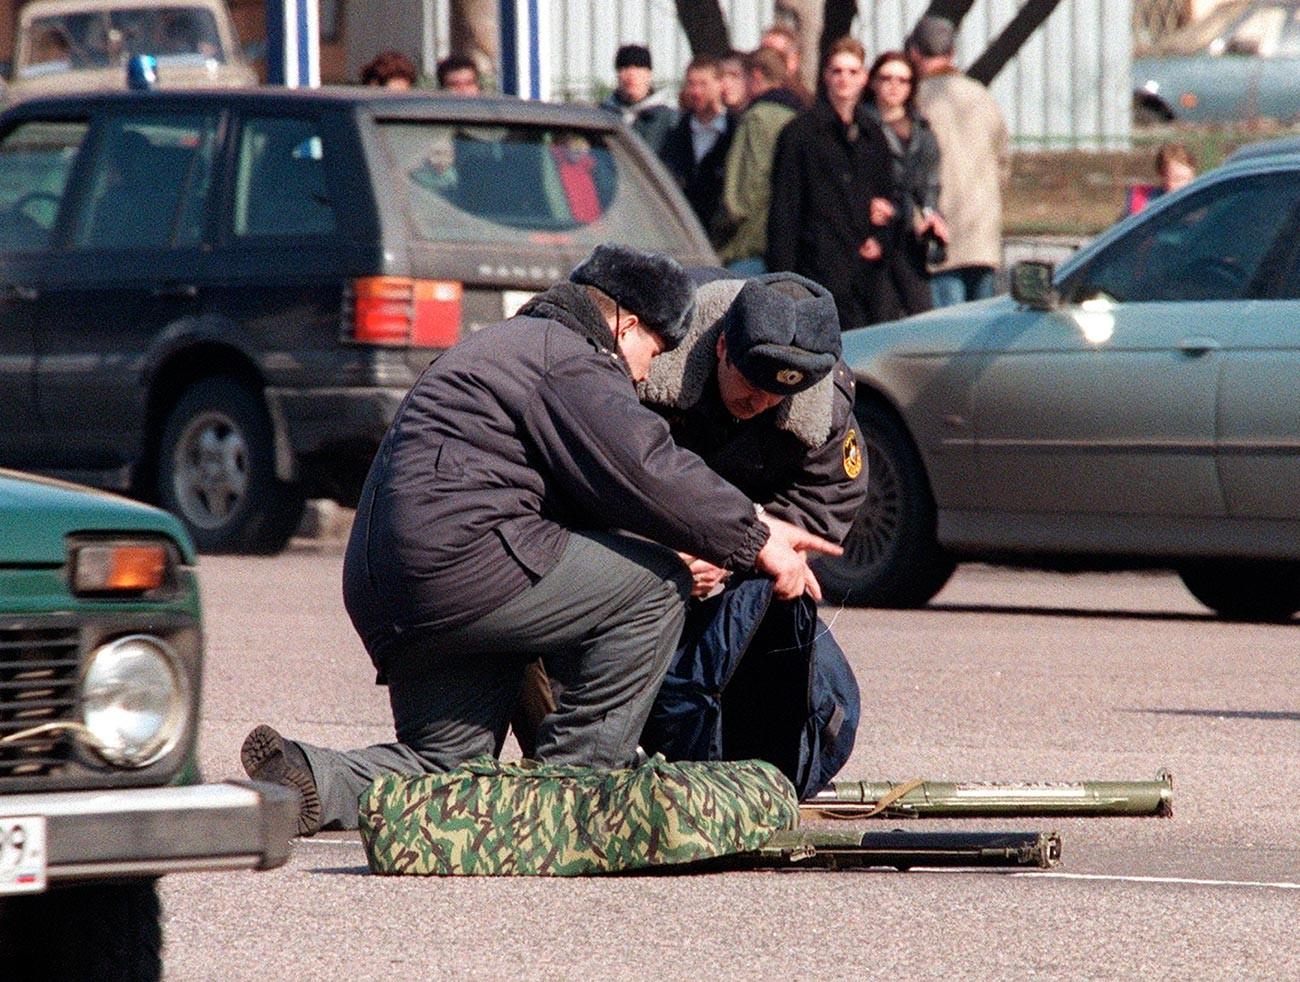 Руски полицајци испред америчке амбасаде са ручним бацачима граната из којих је покушан напад на амбасаду САД у Москви у оквиру акције протеста против НАТО бомбардовања Југославије, 28. март 1999.